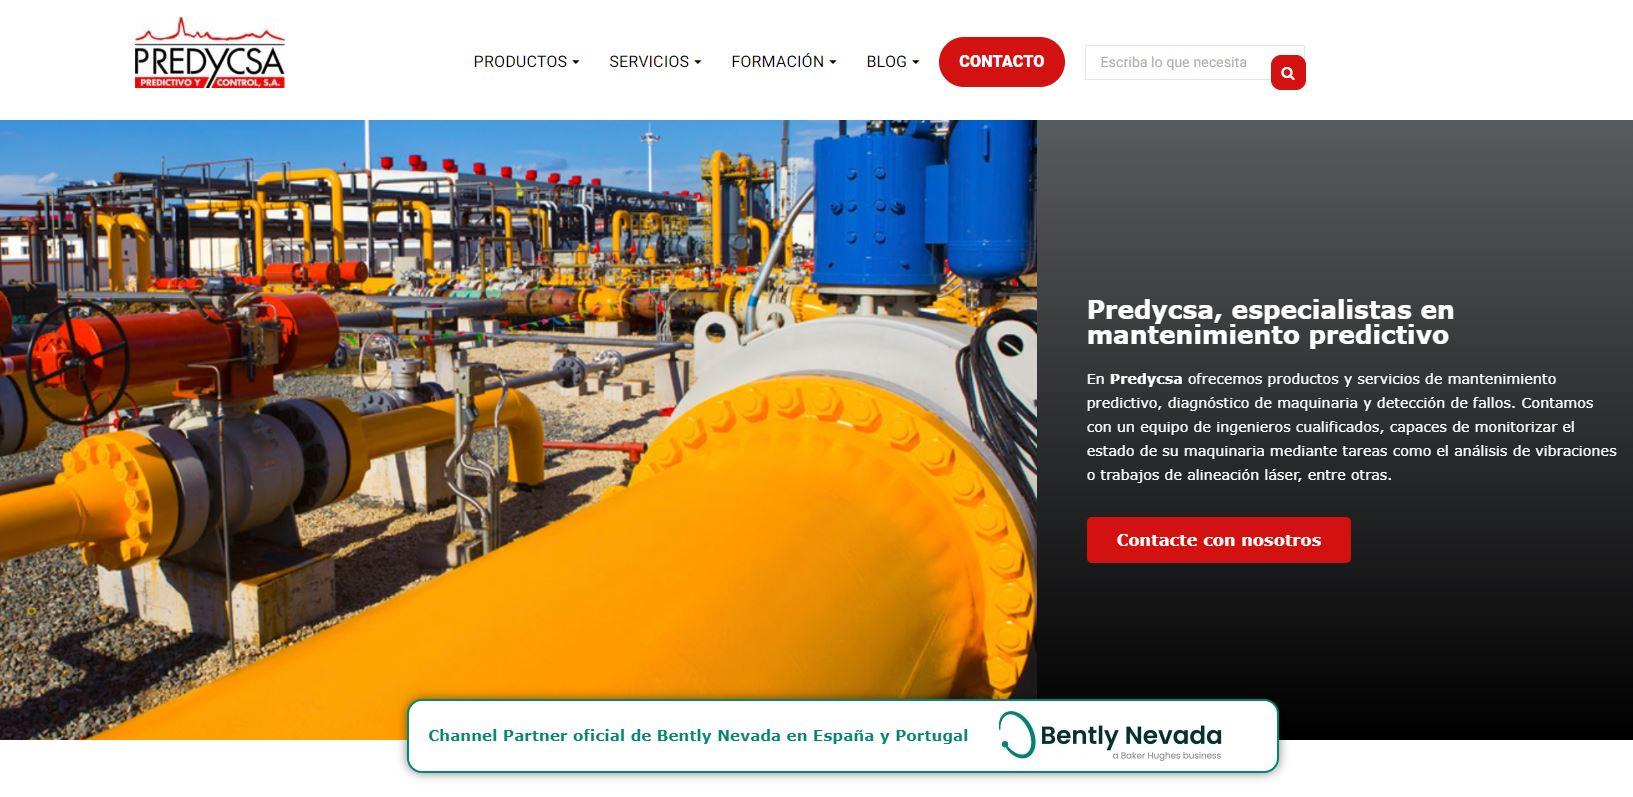 Web Predycsa